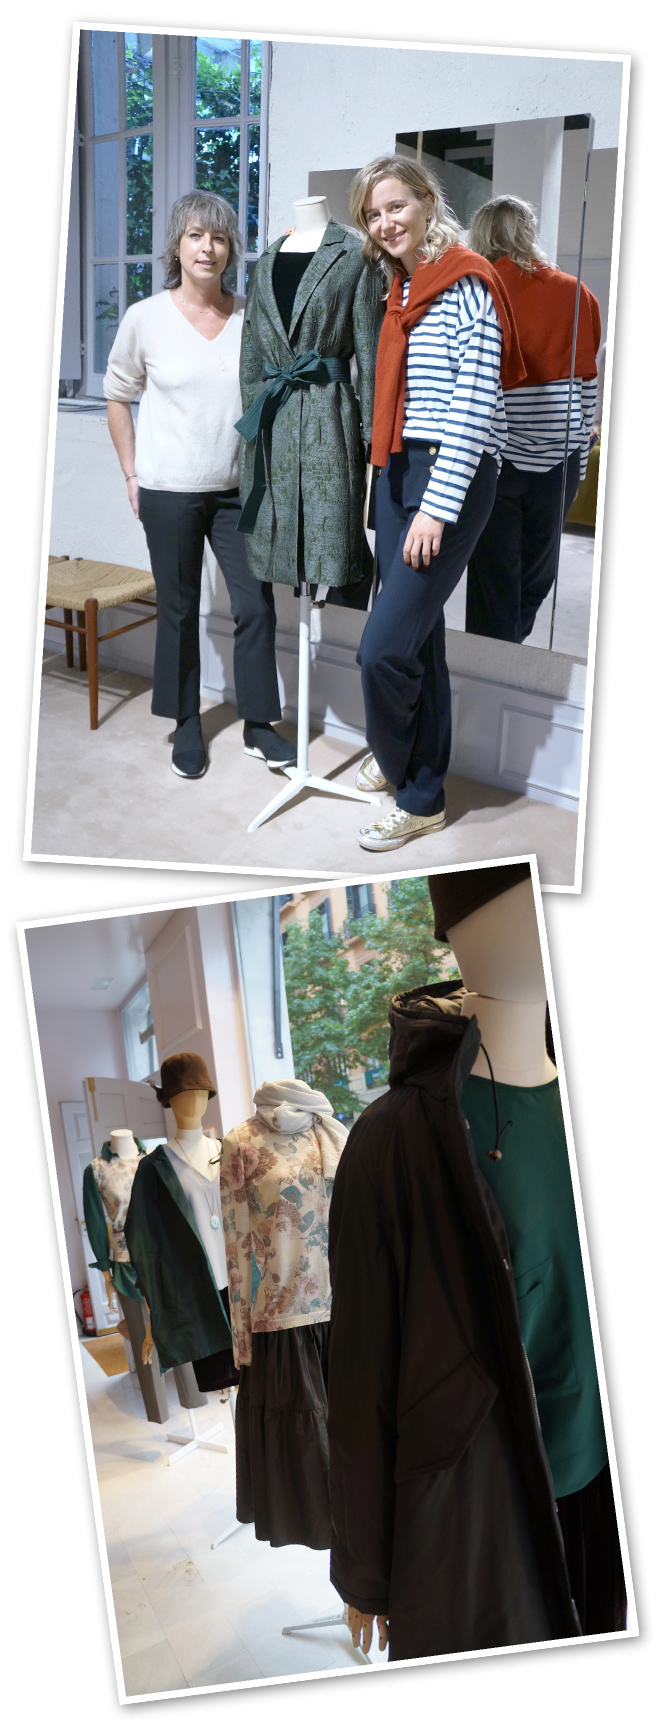 Minimil. Contxu Uzkudun , la diseñadora, reivindica desde entonces la figura de Balenciaga y su influencia en la moda de nuestro país. Abrigos, chaquetas, fulares y txapelas son prendas icónicas de las colecciones de Minimil. Prendas atemporales de New Basque Style de estilo sobrio